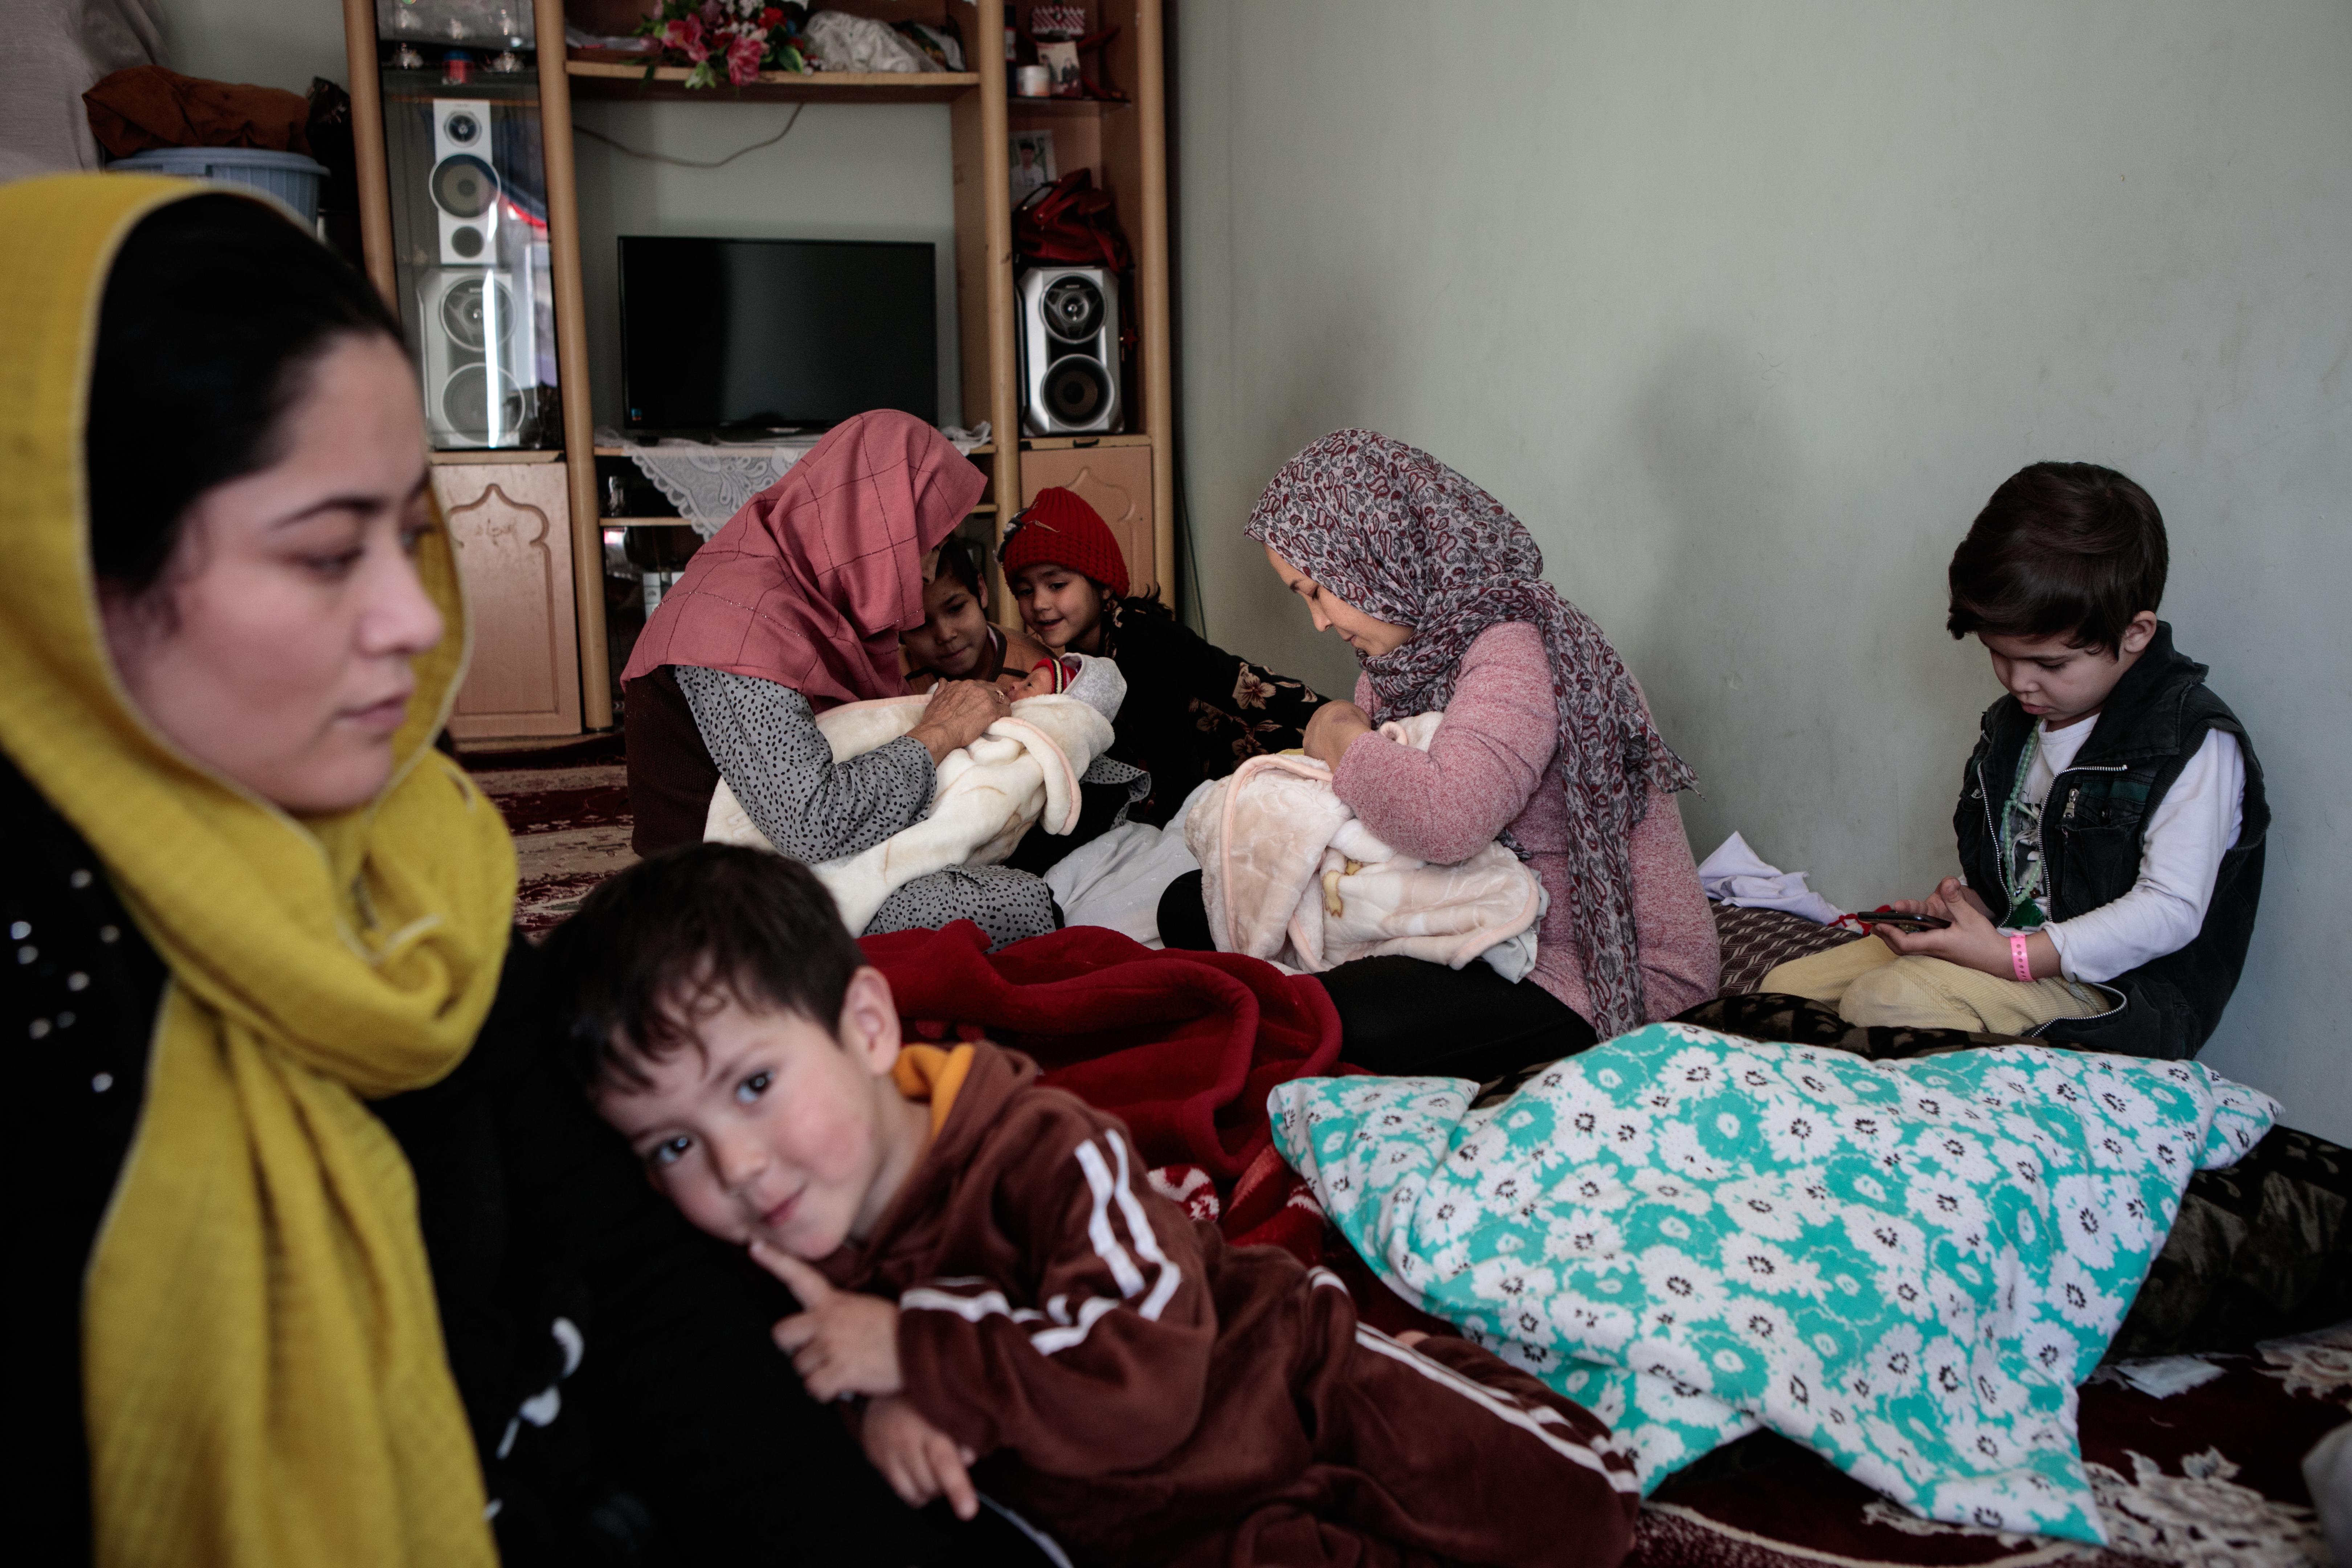 Six enfants, sixgarçons. Zakia aurait aimé avoir une fille.Sa mère aussi aurait préféré que cette grossesse lui donne une fillepour l'aider dans ses tâches quotidiennes. Les femmessont unanimes : élever une fille est plus difficile ;ily a plus de choses àapprendredans la perspective de semarier.Plus de règles à respecter aussi, etplus de responsabilités. En Afghanistan, même si les deux parents participent àl'éducation,les mères sont souventplus impliquées.